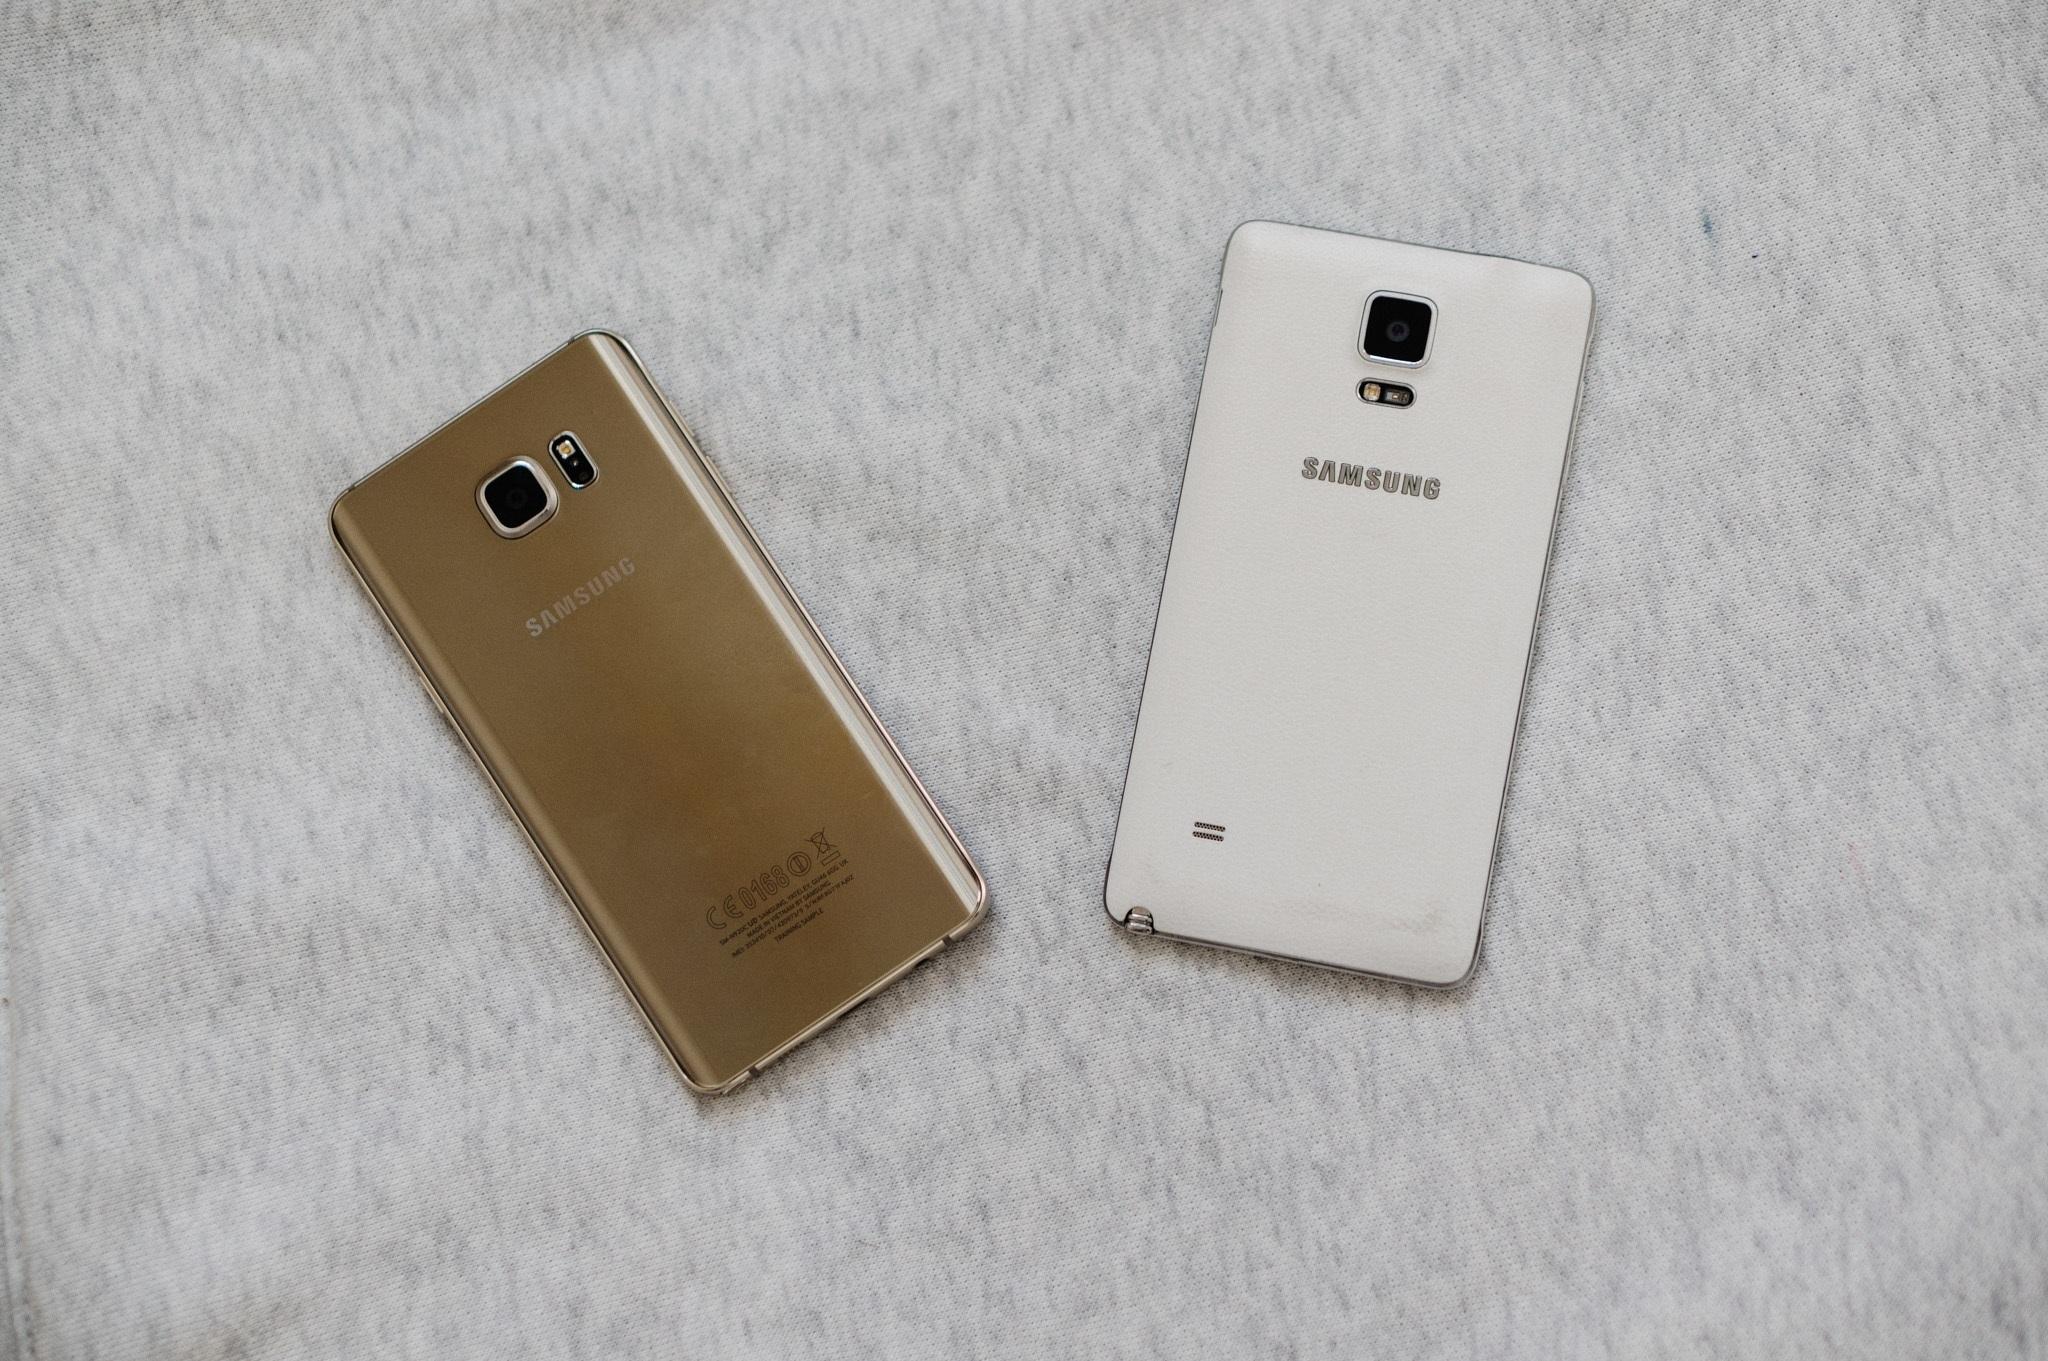 Mặt lưng của Note 4 và Note 5